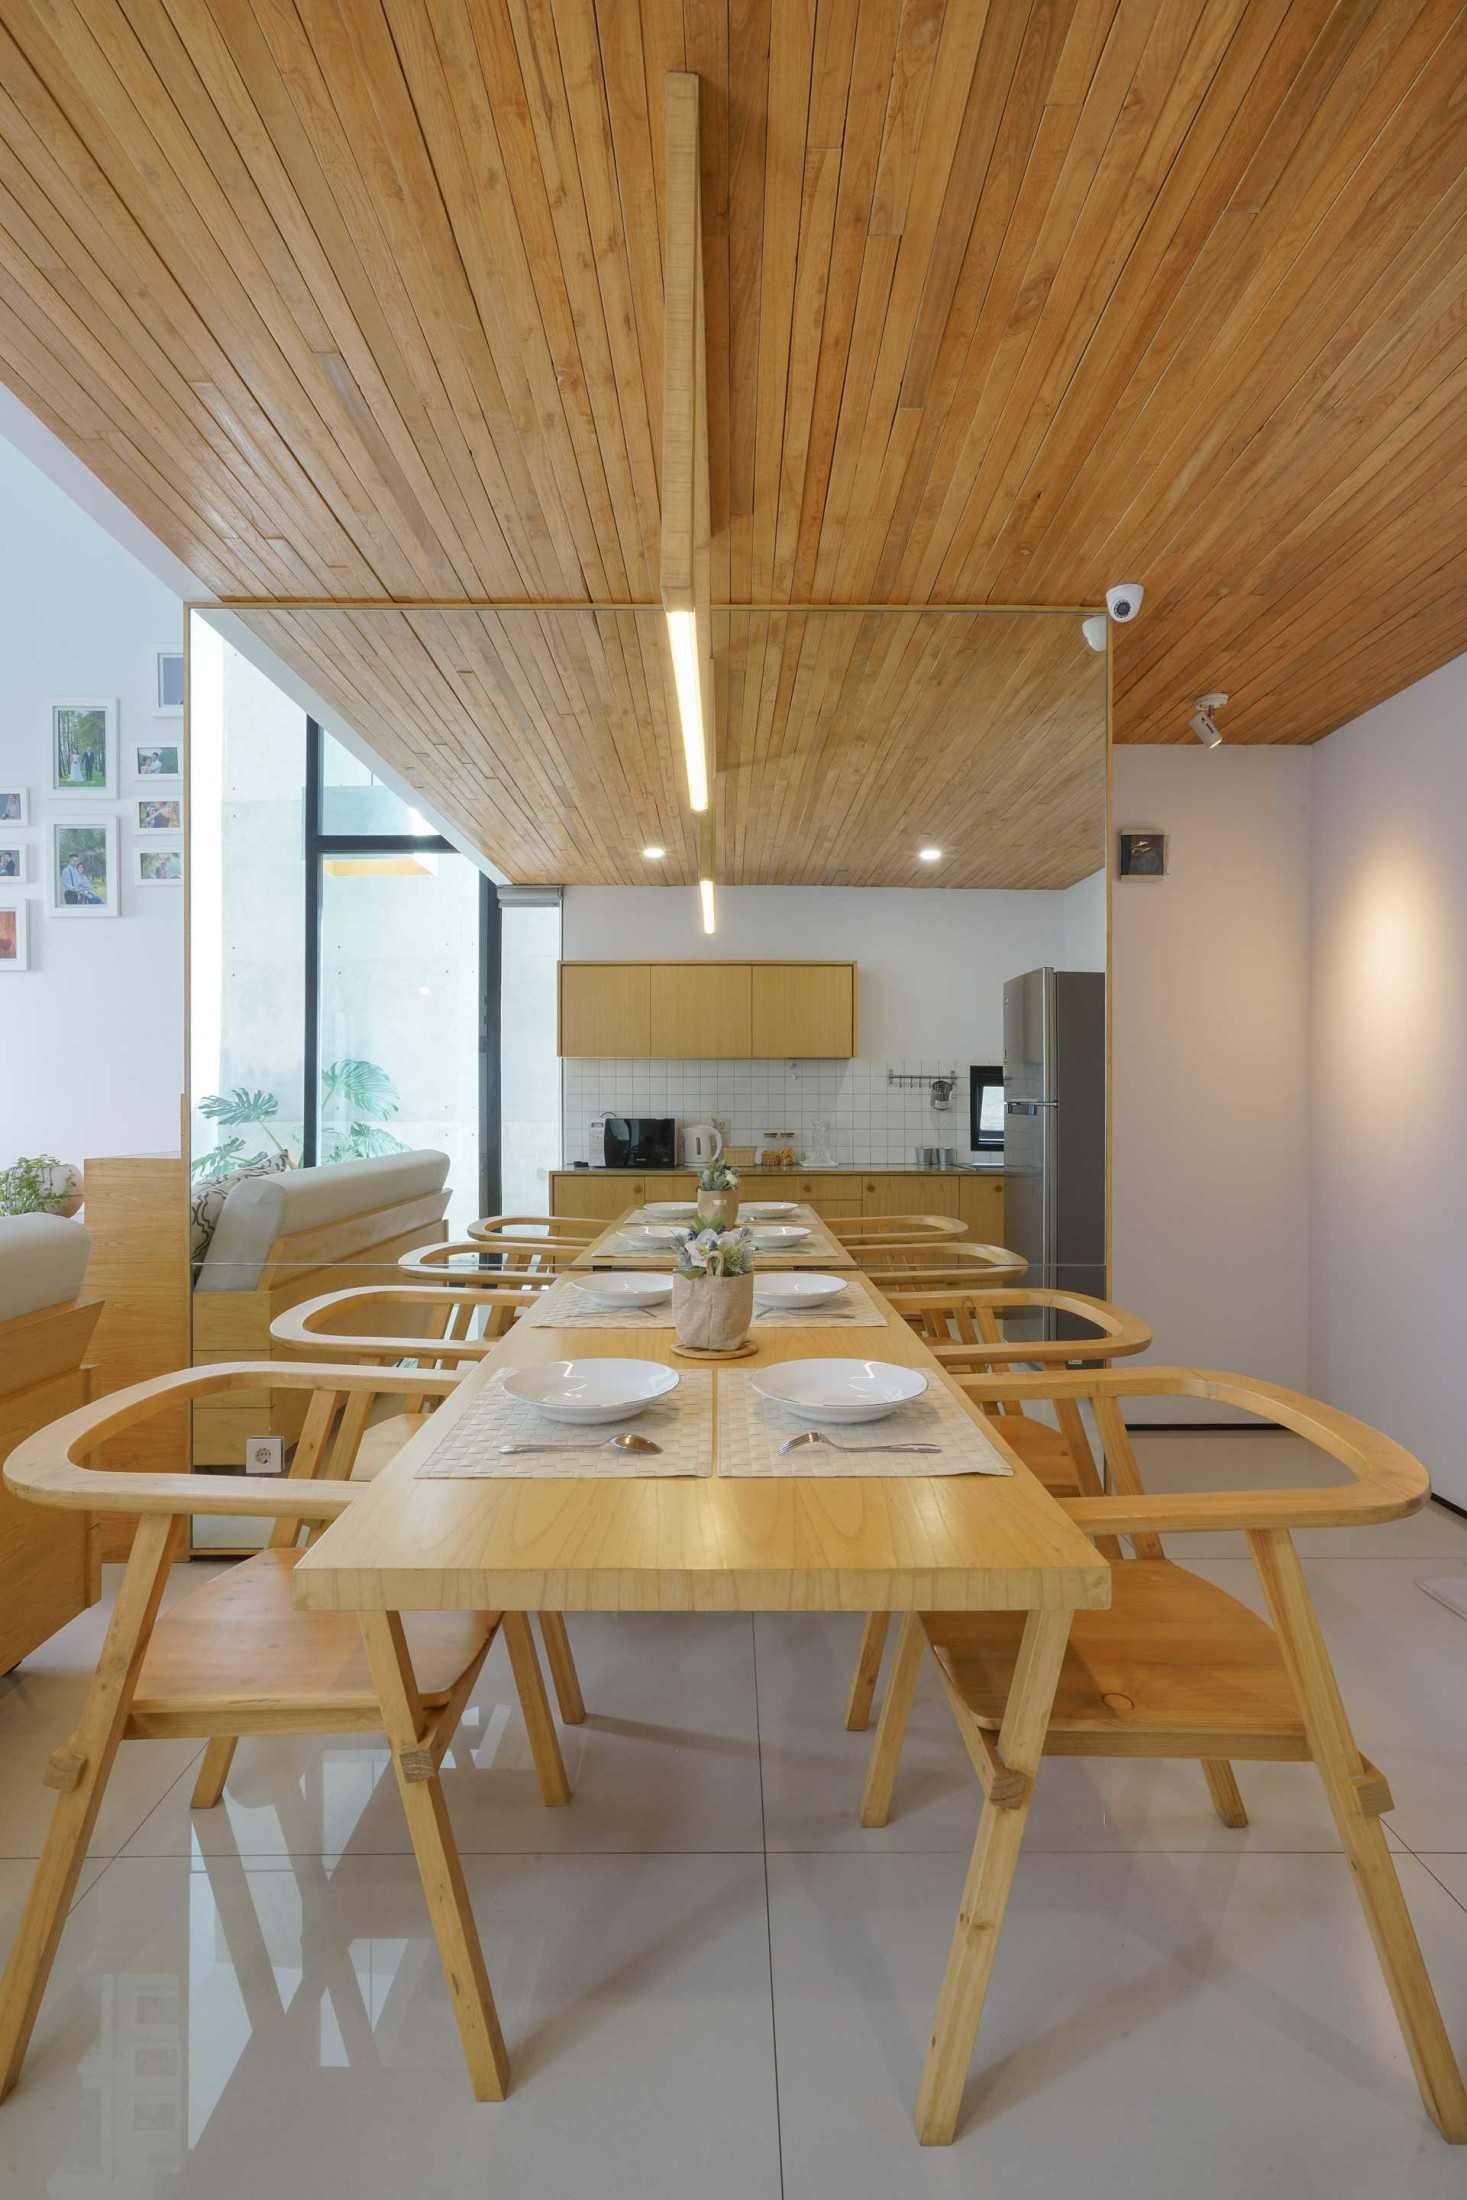 Ruang makan mungil yang tampak lega (Sumber: arsitag.com)